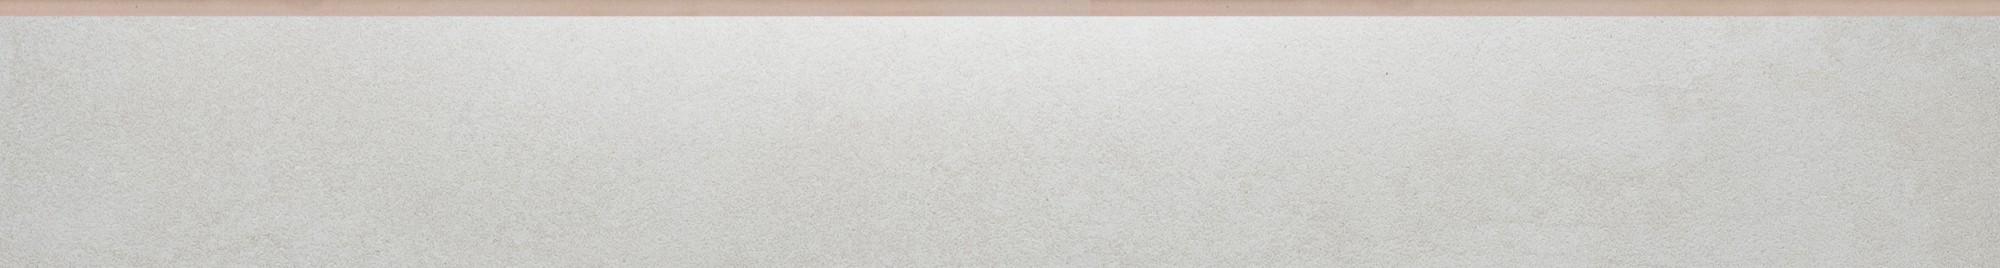 Cokół Cerrad Tassero Bianco Lappato 597x80x8,5mm 35838